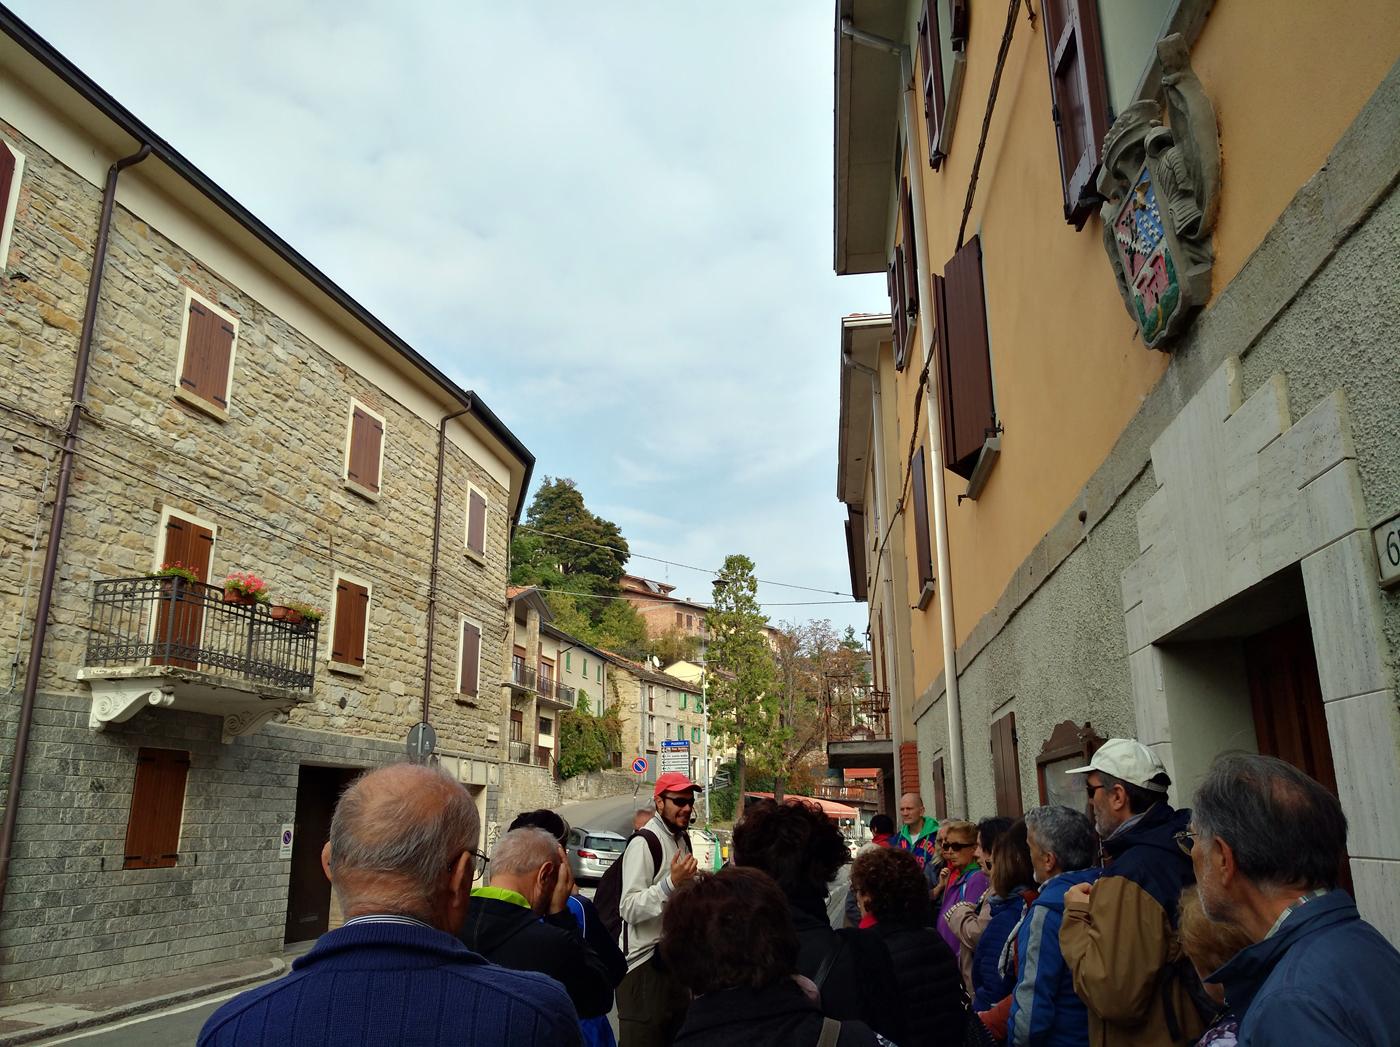 Resistenza Appennino reggiano - La tappa narrativa sulla zona libera di Montefiorino. Foto di Paola Gemelli